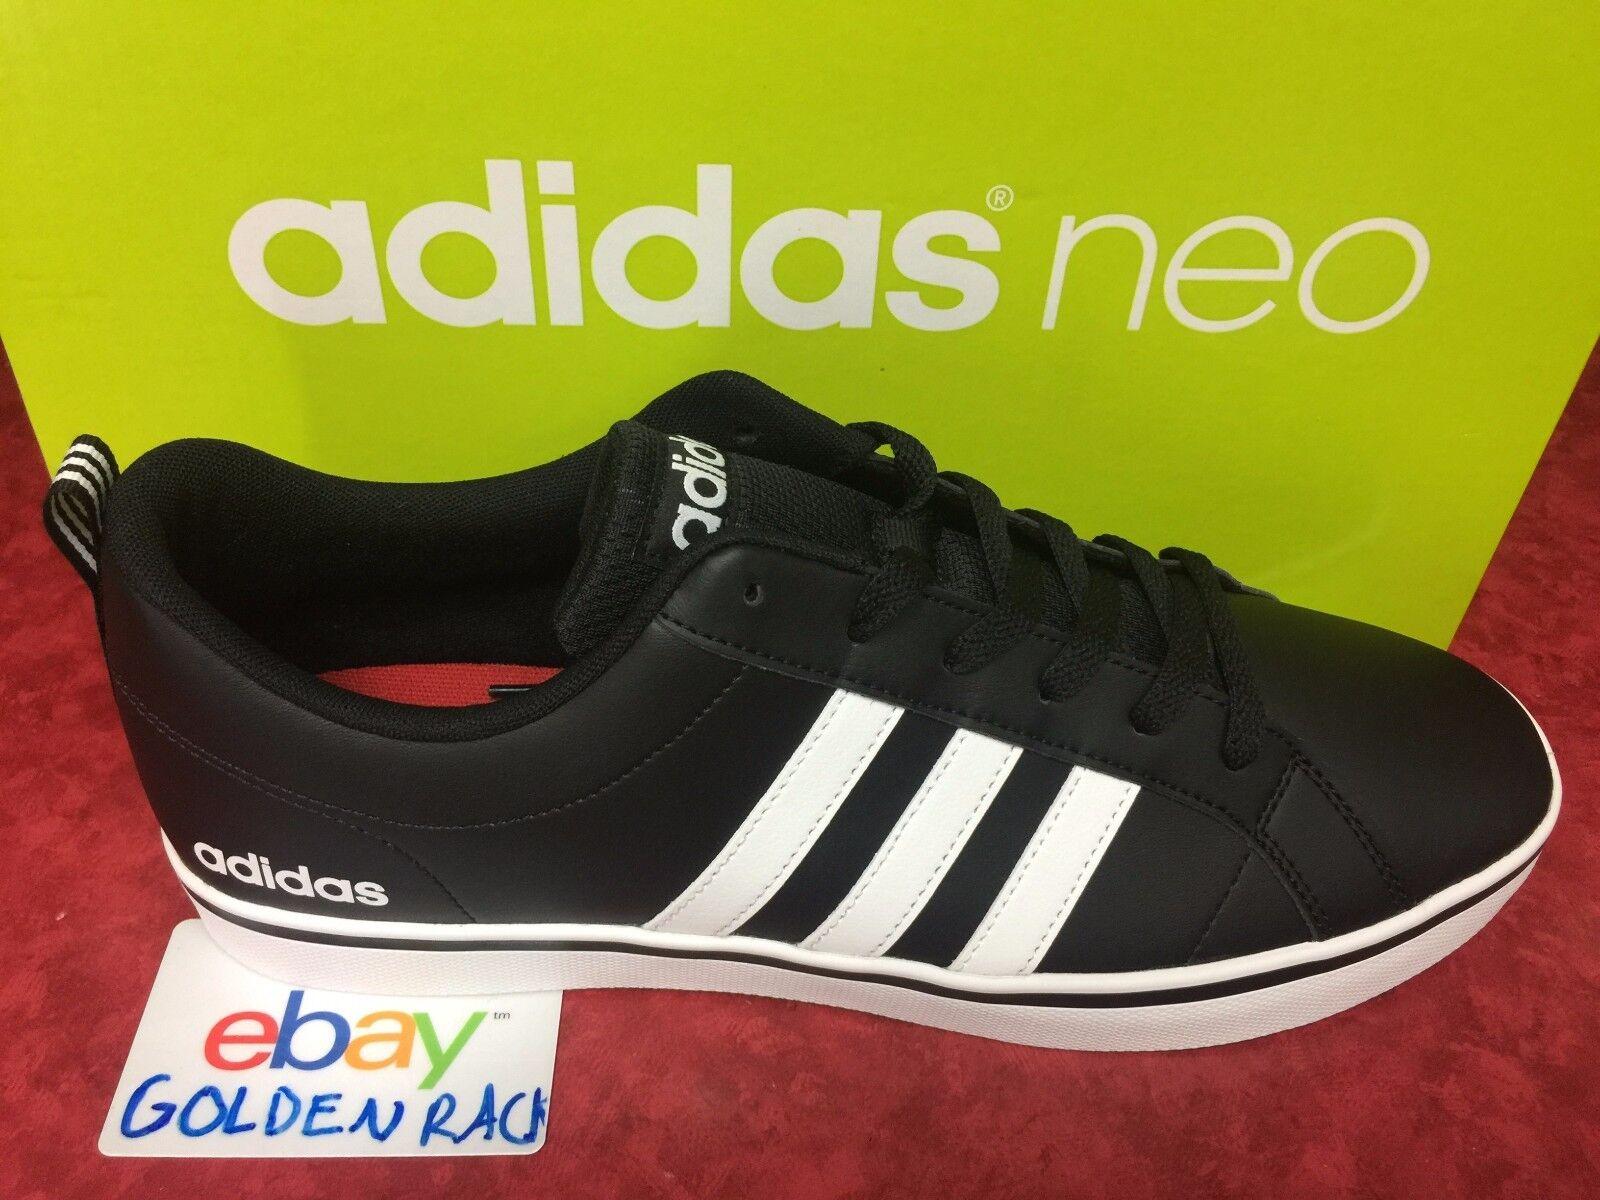 Adidas neo vs ritmo b74494 uomini neri taglia di pelle bianca, scarpe taglia neri 12 pennino 564bc8